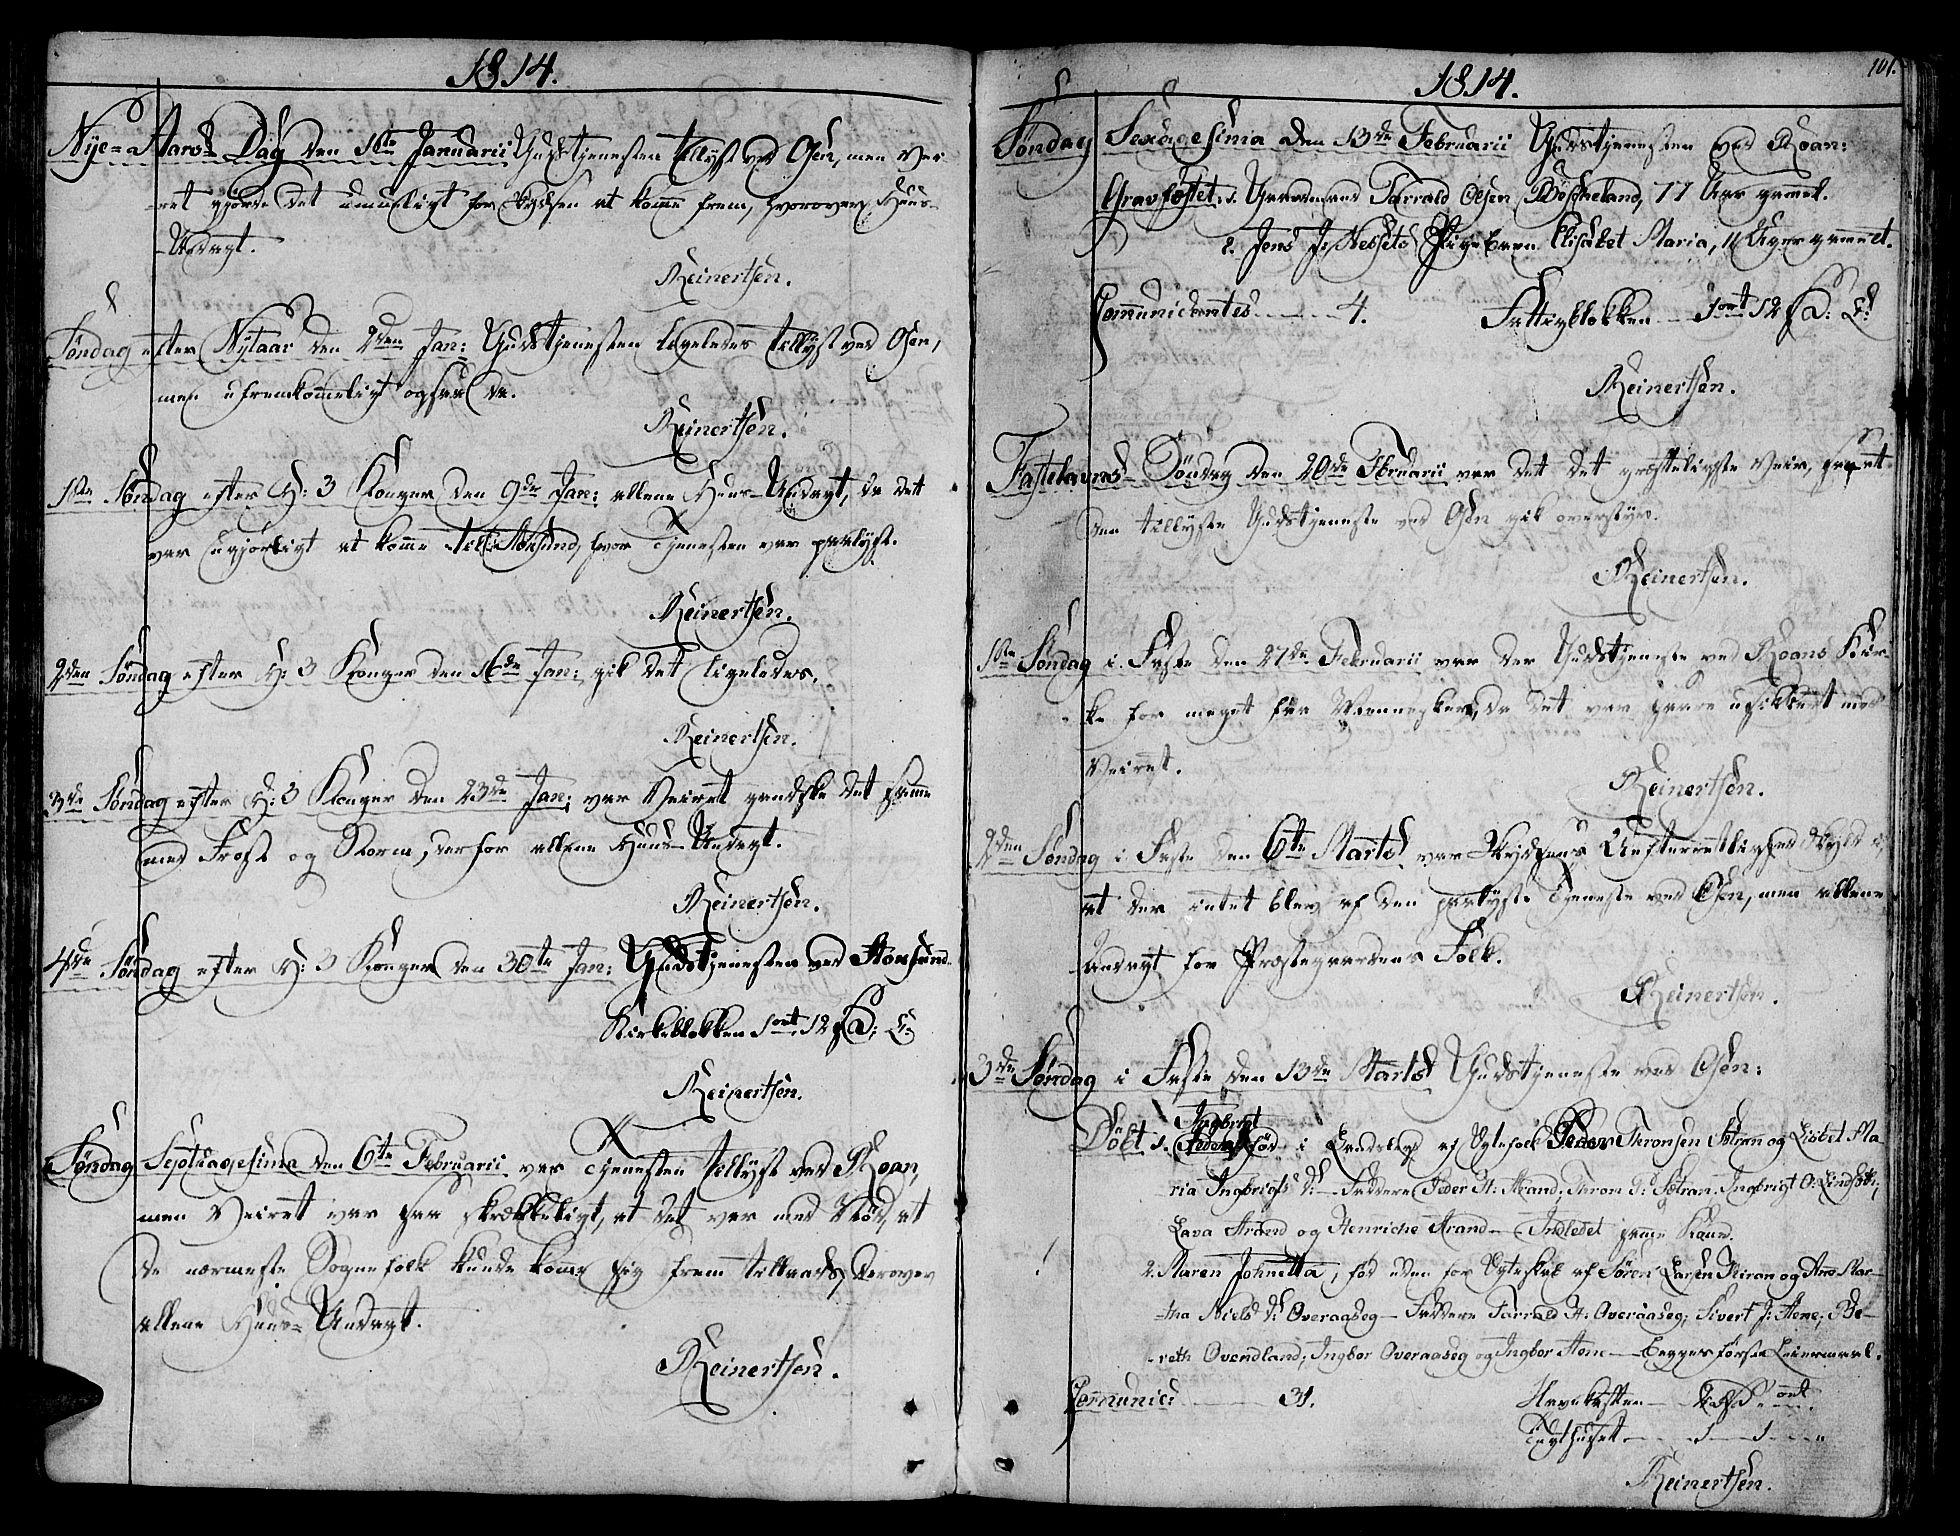 SAT, Ministerialprotokoller, klokkerbøker og fødselsregistre - Sør-Trøndelag, 657/L0701: Ministerialbok nr. 657A02, 1802-1831, s. 101